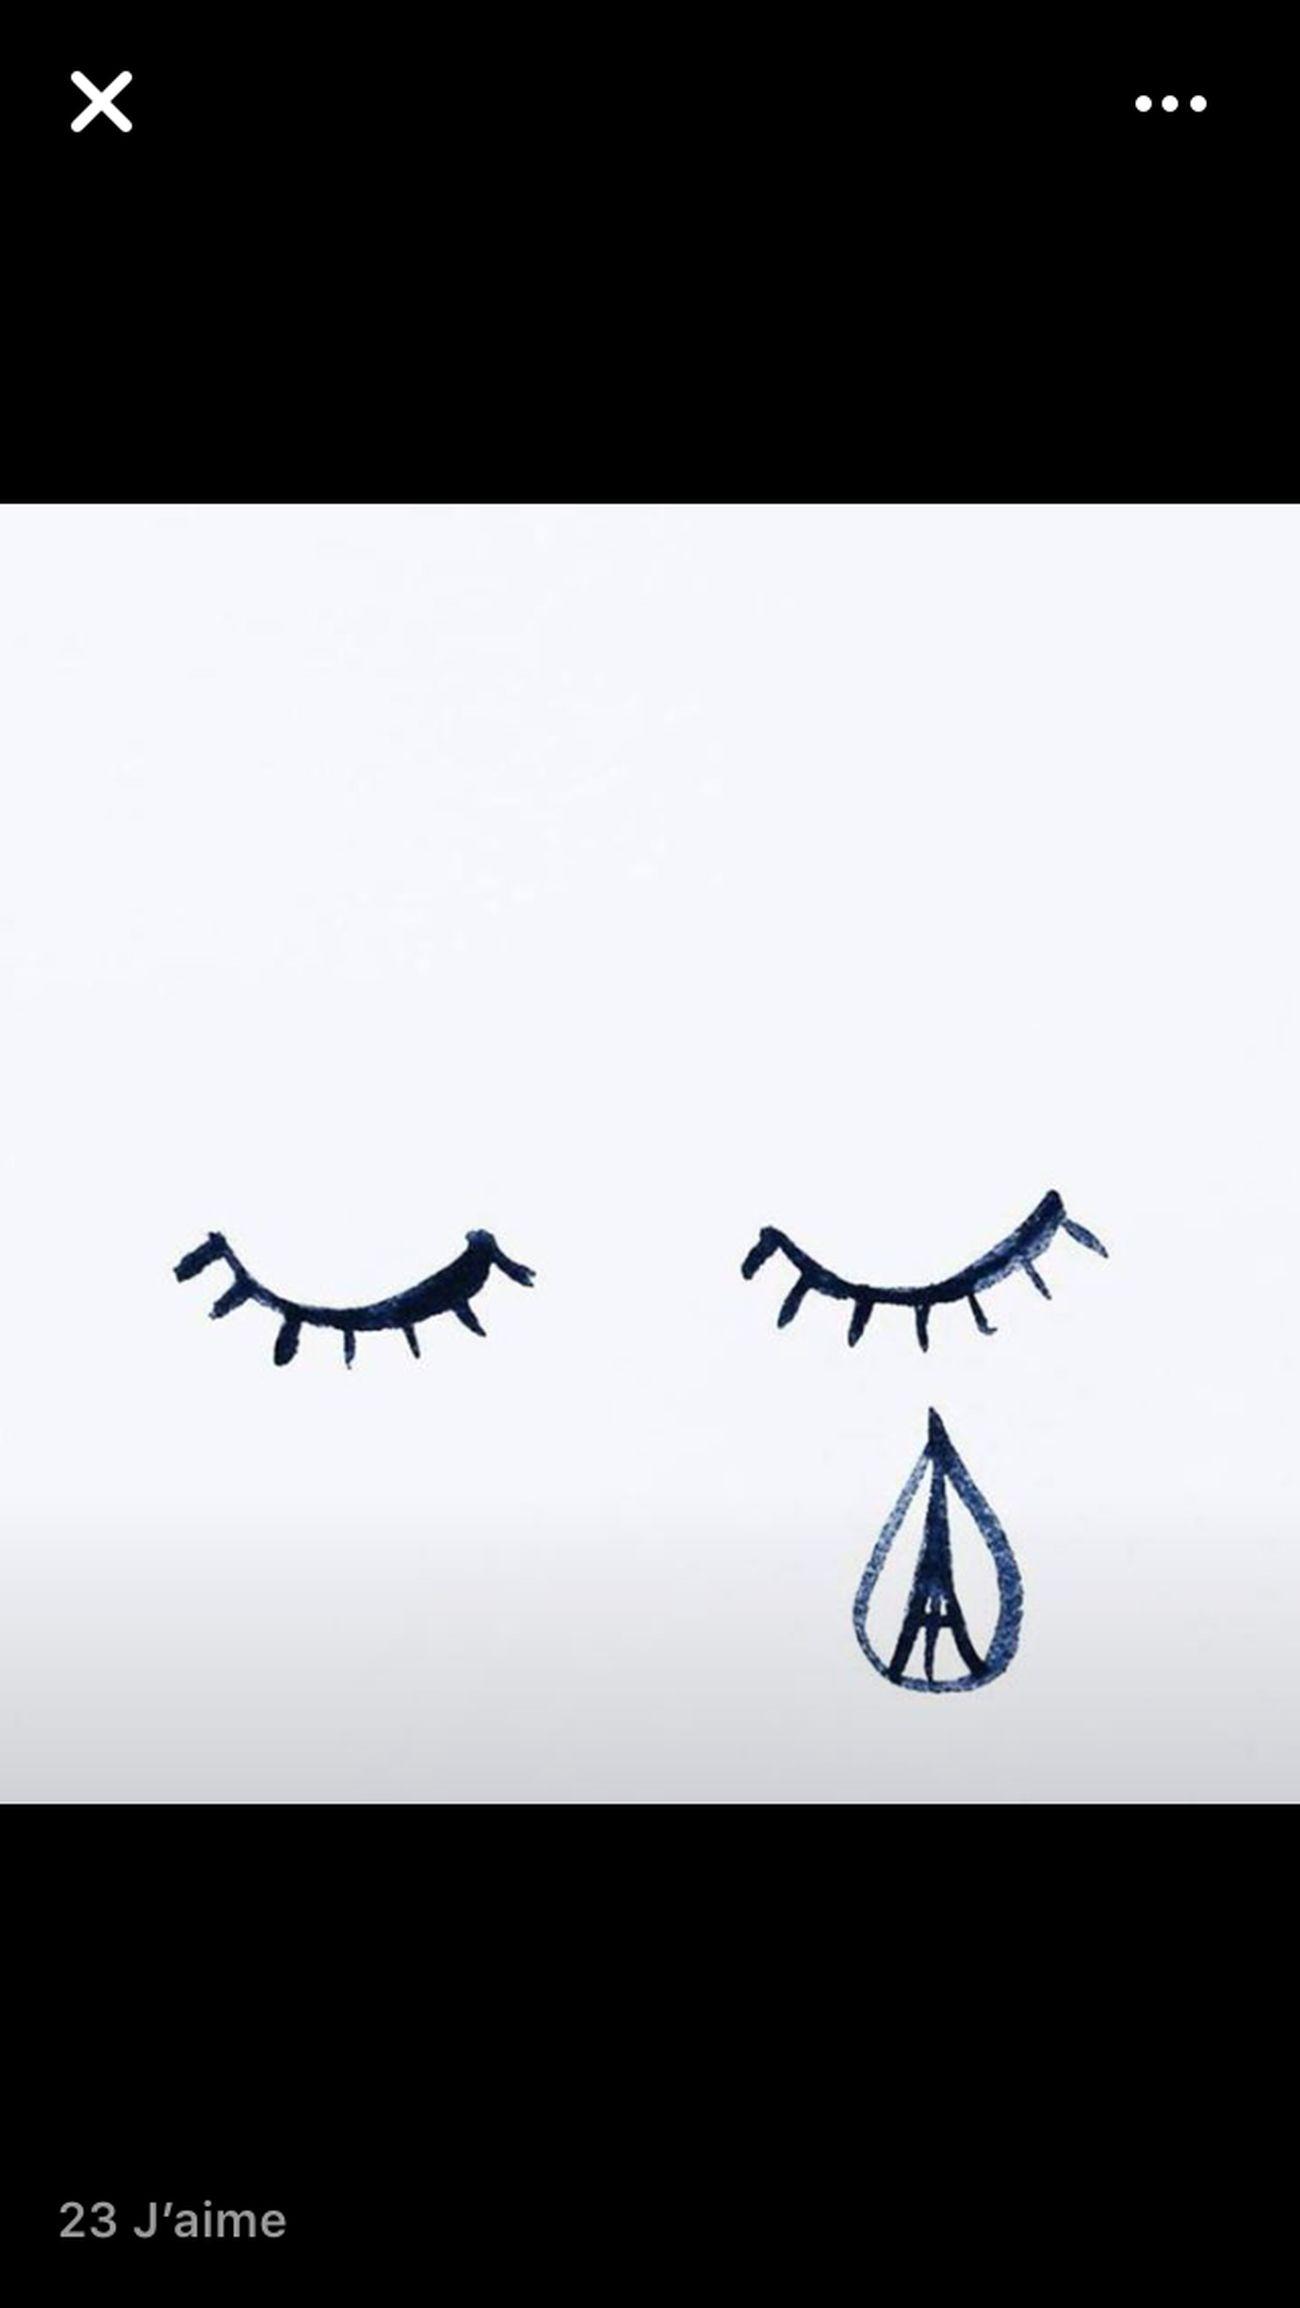 Prayforparis ParisAttacks United